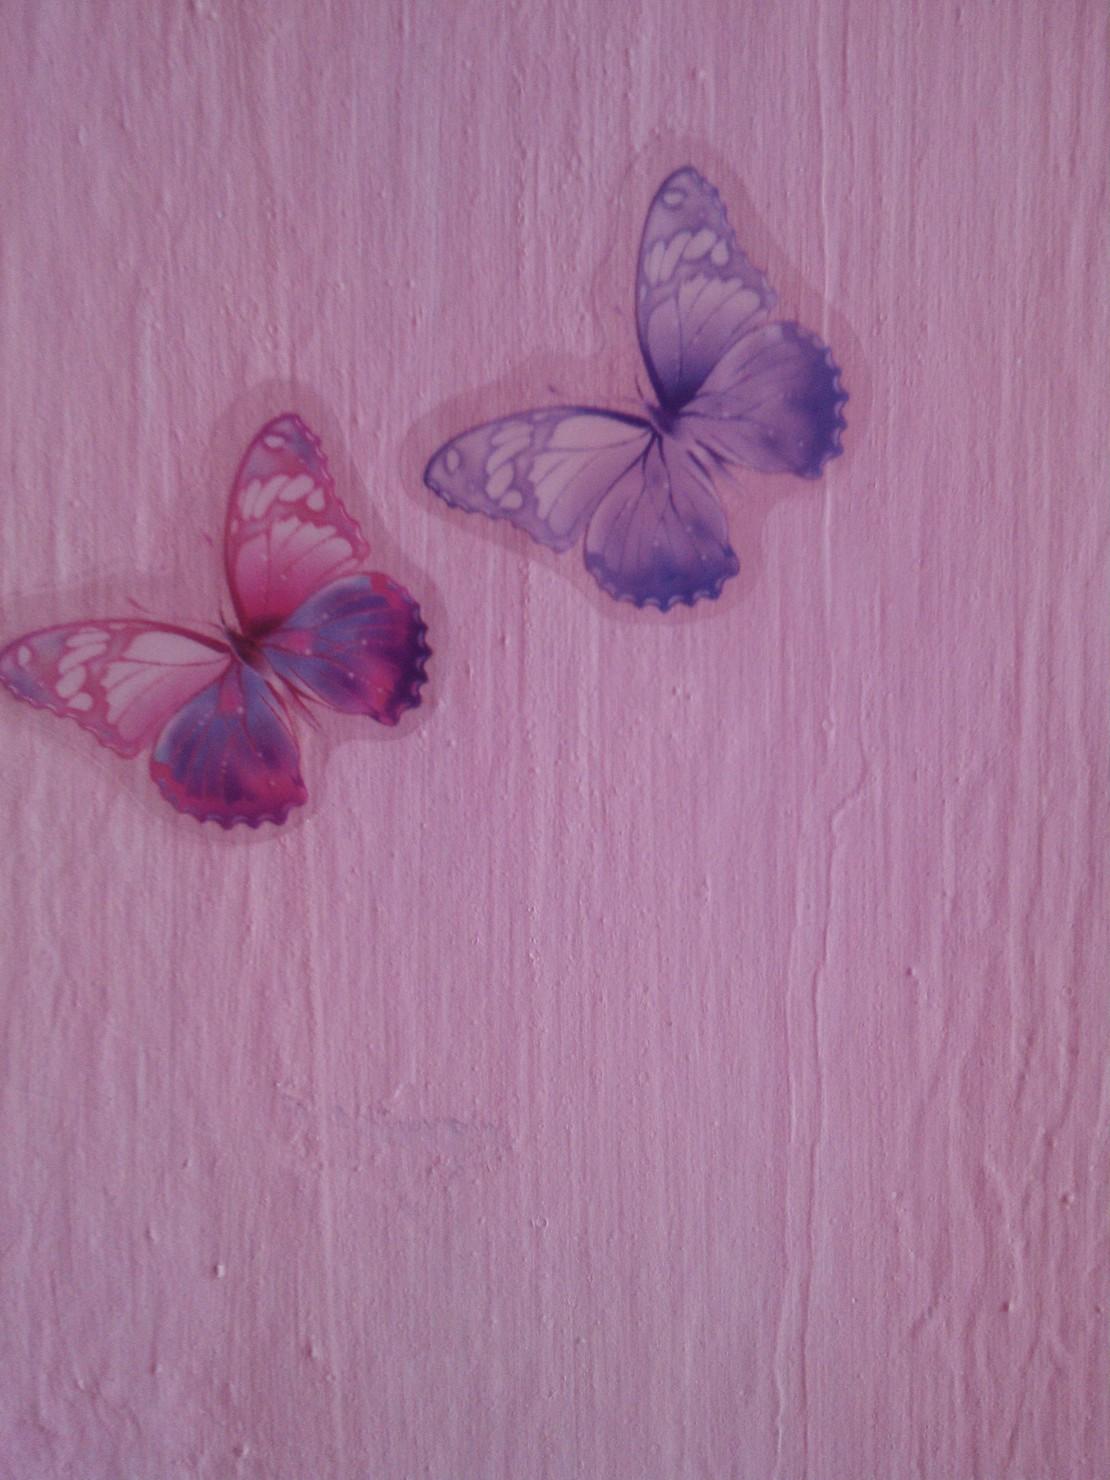 蝴蝶也玩私奔??雷人啊